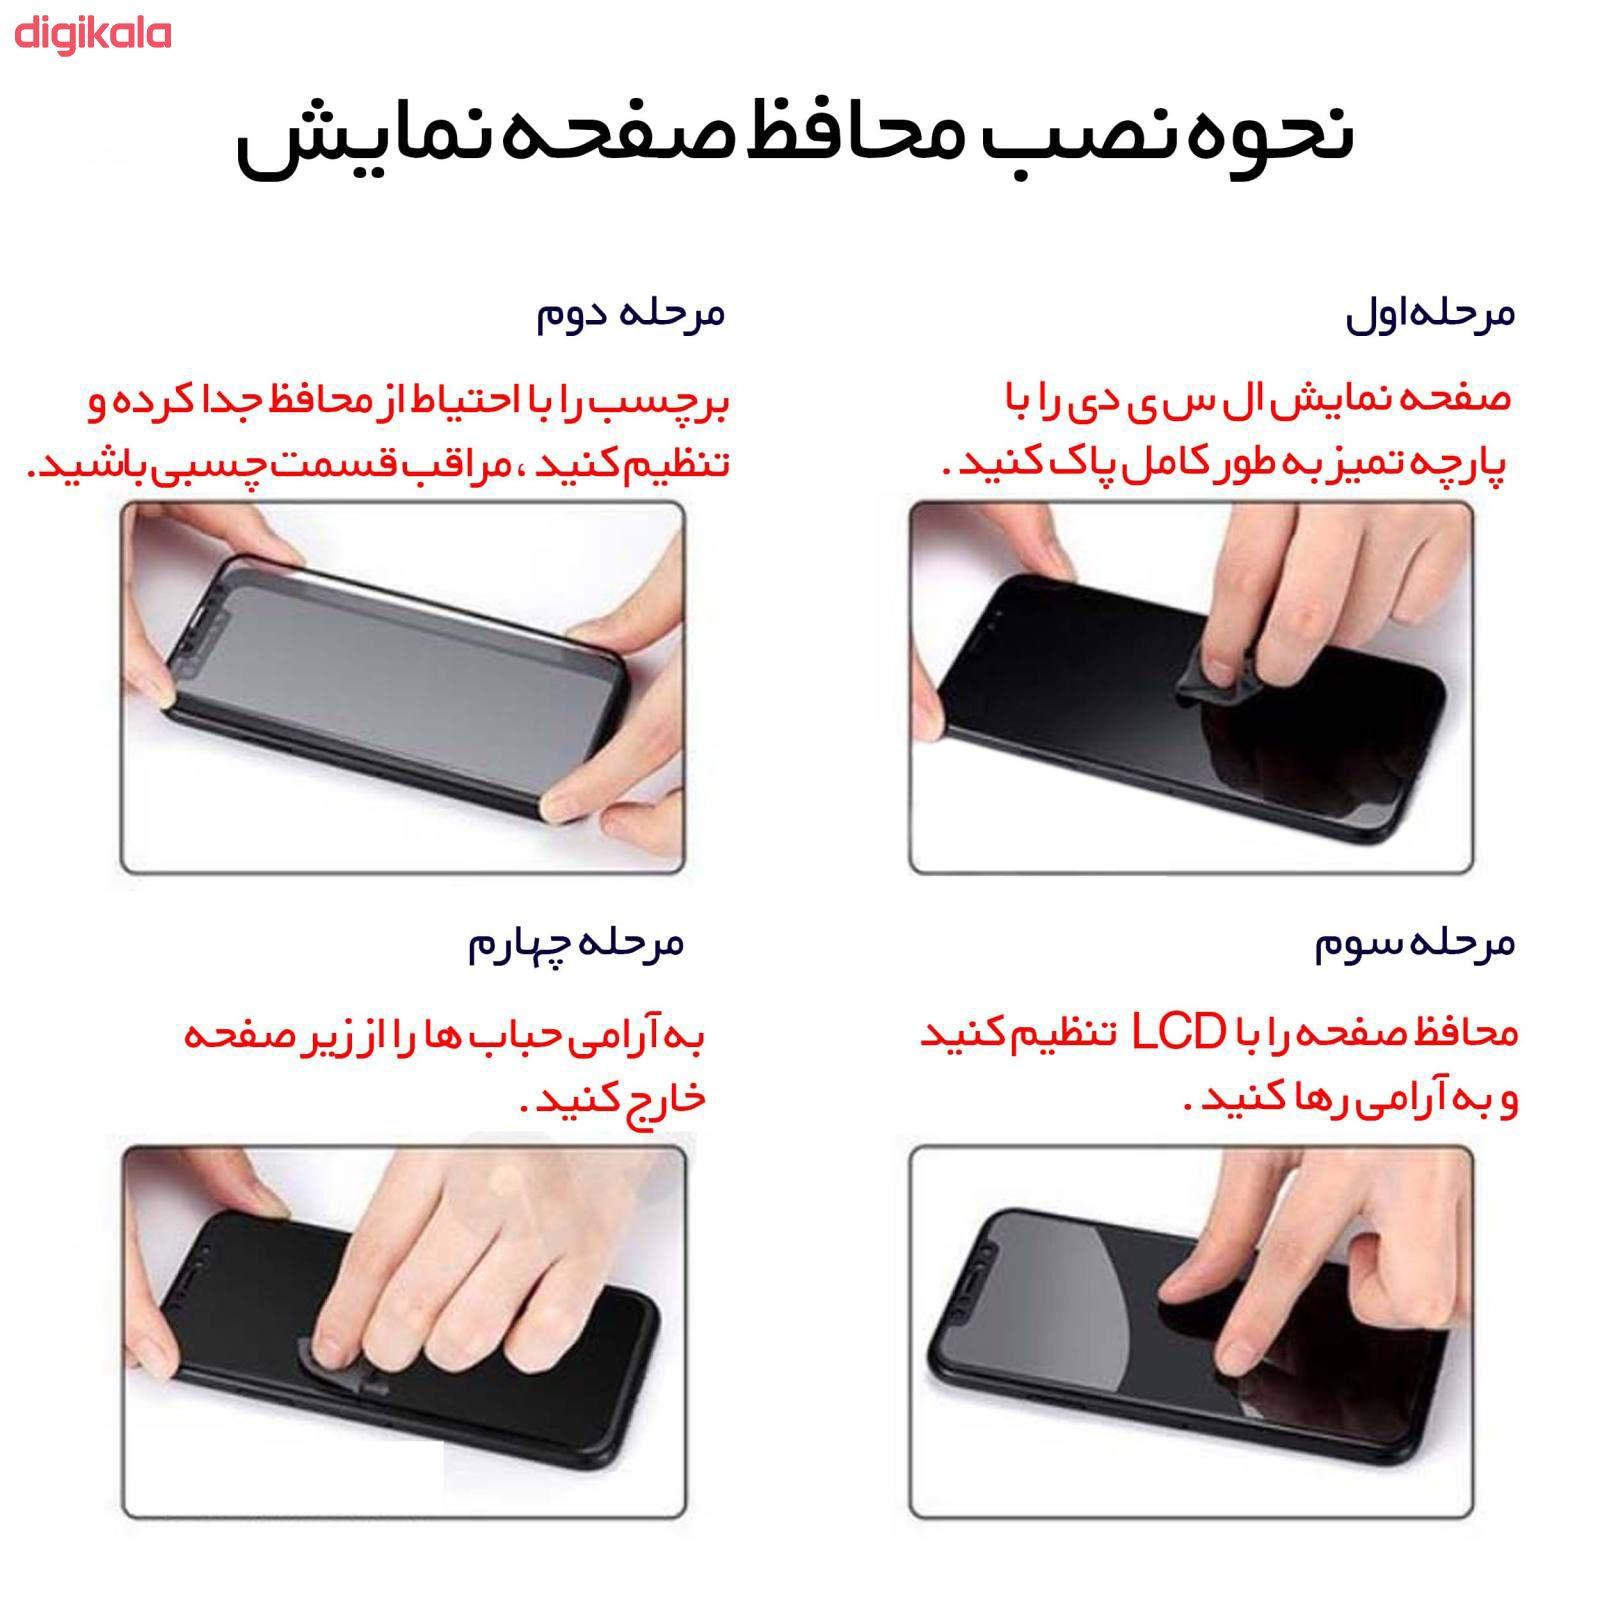 محافظ صفحه نمایش سرامیکی اسپایدر مدل CER-CL مناسب برای گوشی موبایل سامسونگ Galaxy M30S main 1 3